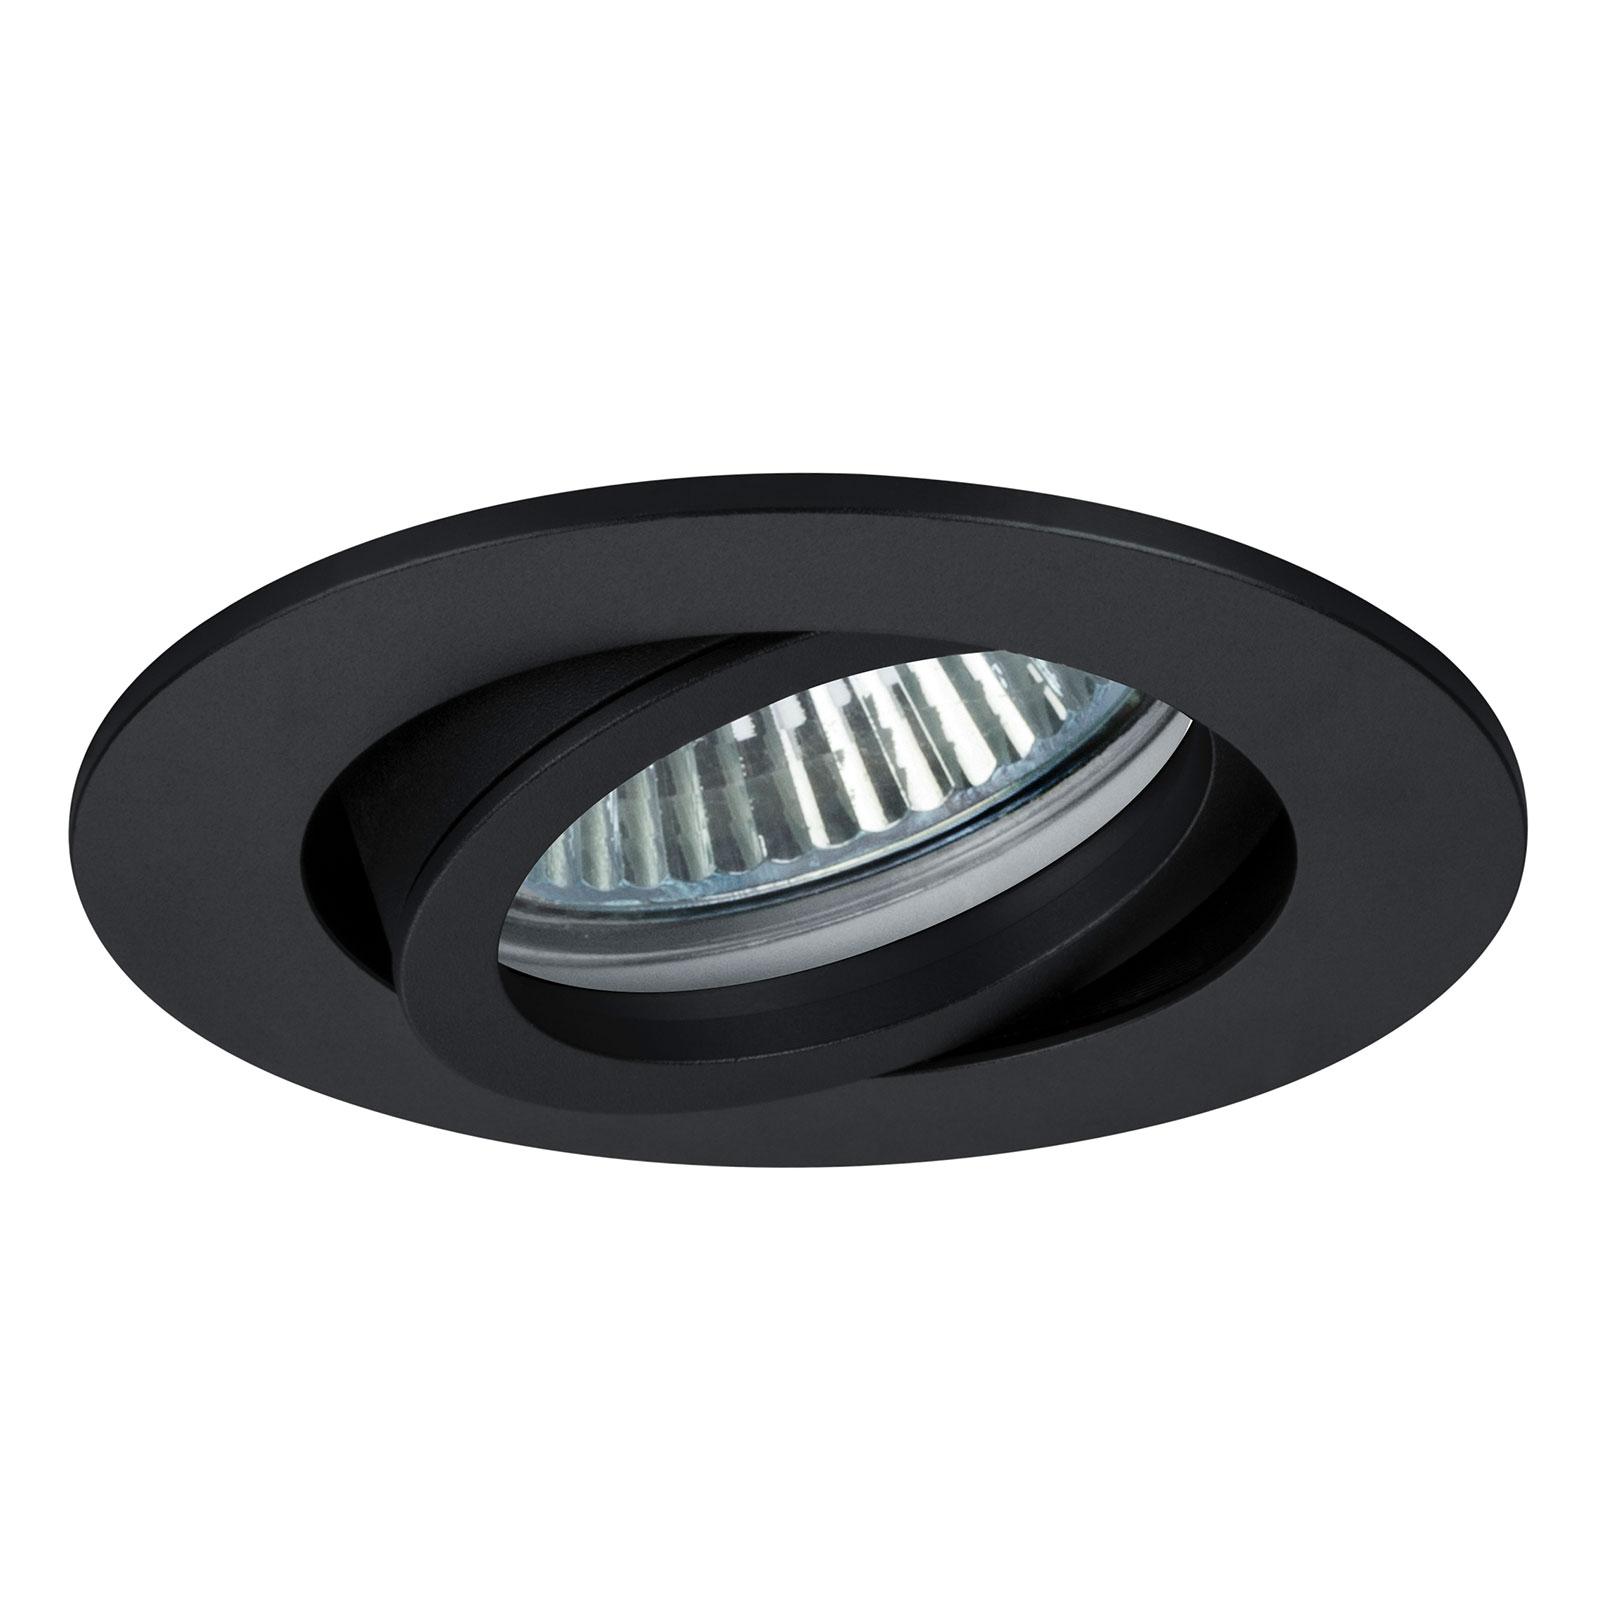 BRUMBERG 0063 Decken-Einbaustrahler, rund, schwarz